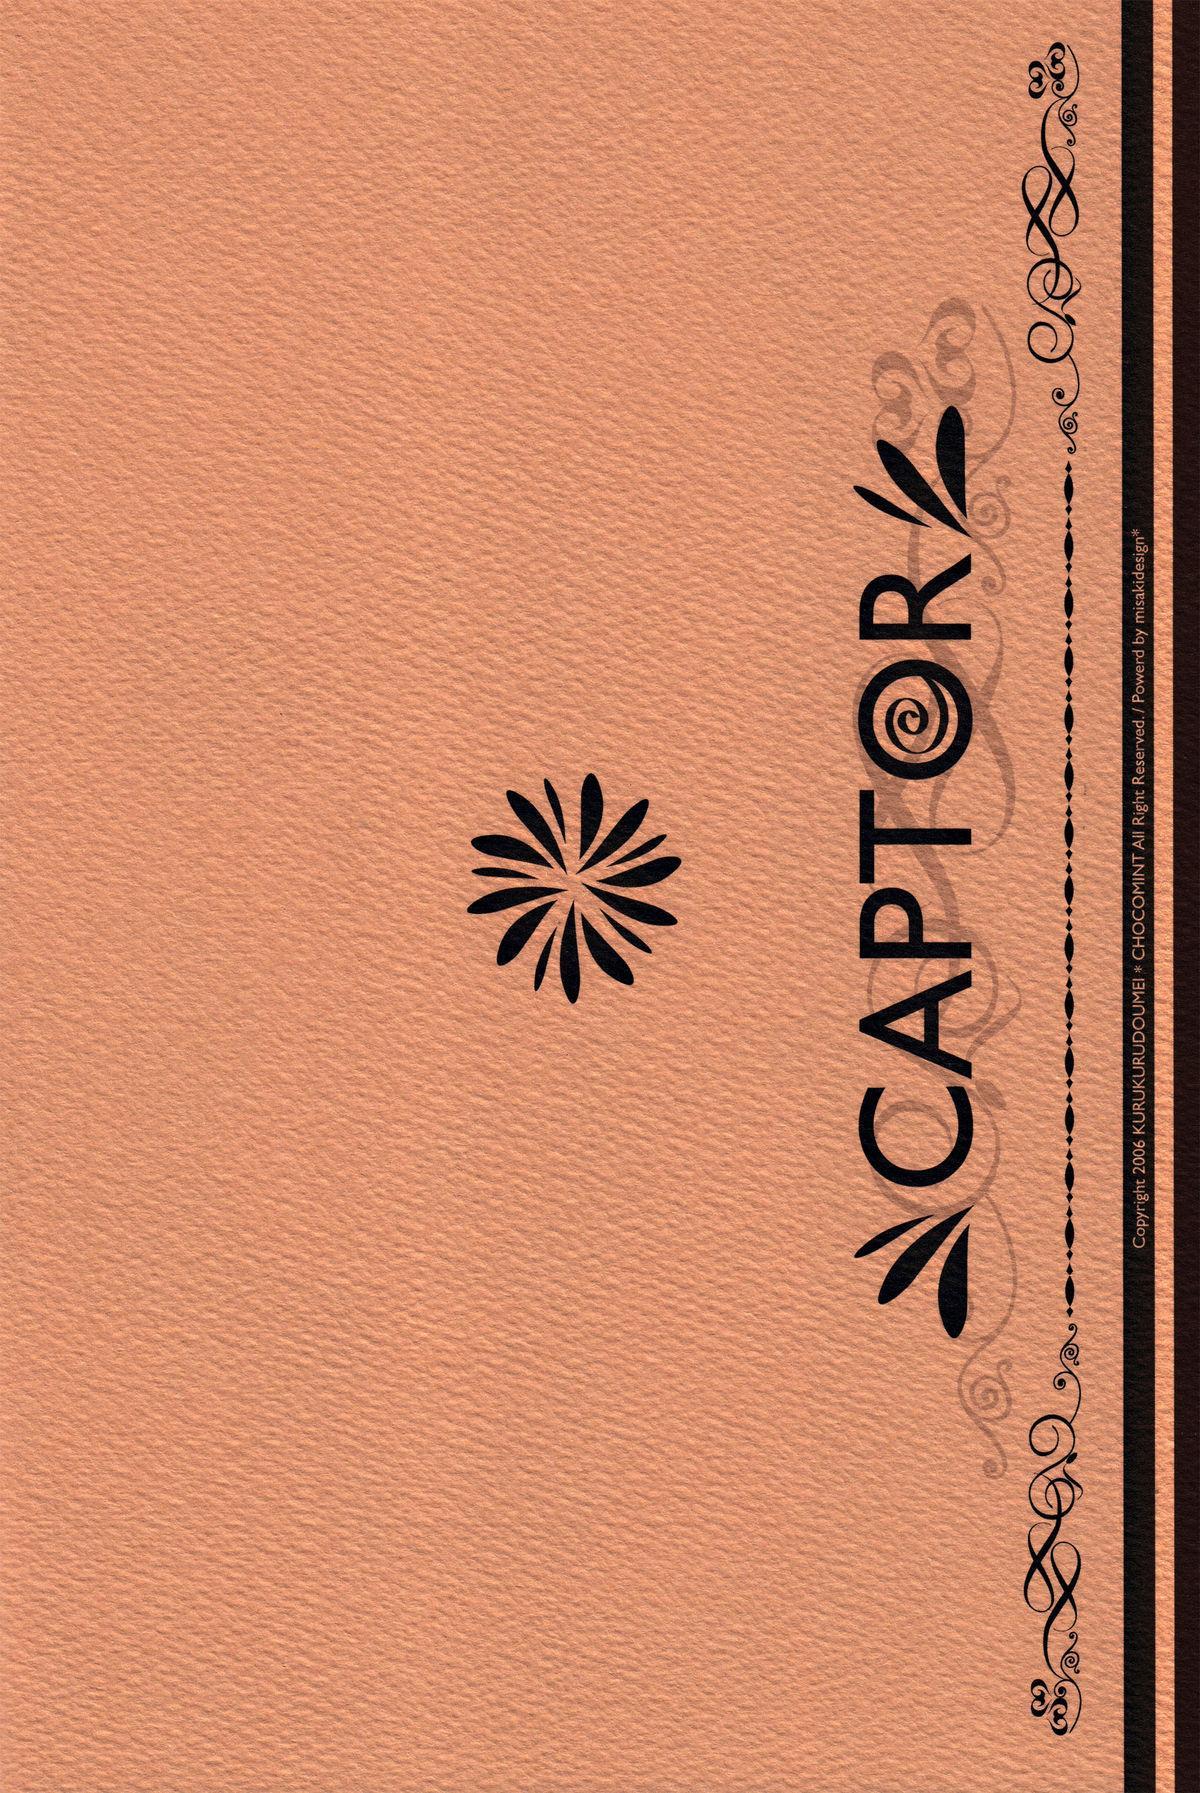 CAPTOR 32